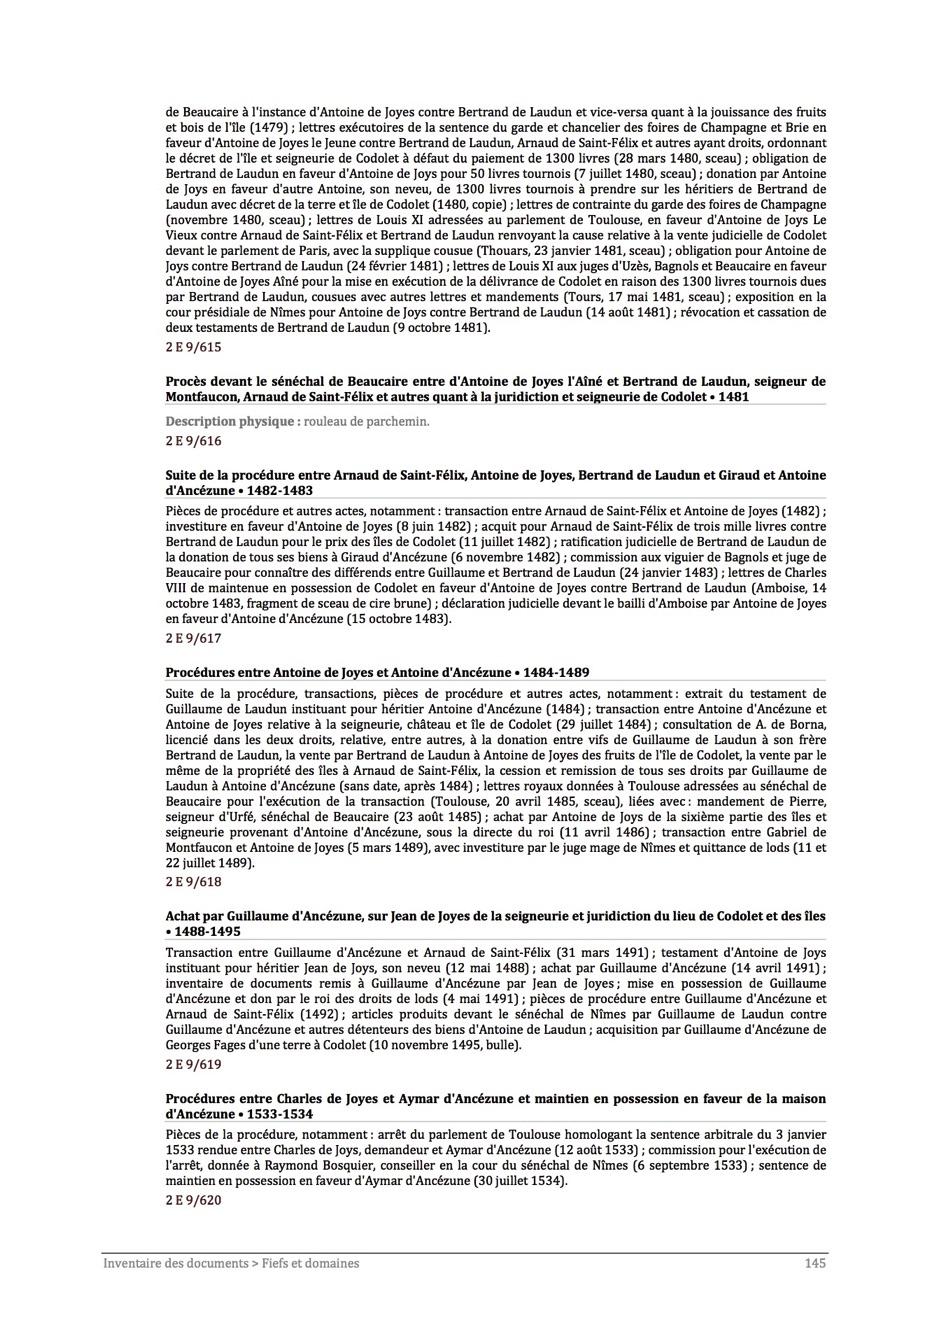 FRAD084_export2013_11_18_03_v3_146